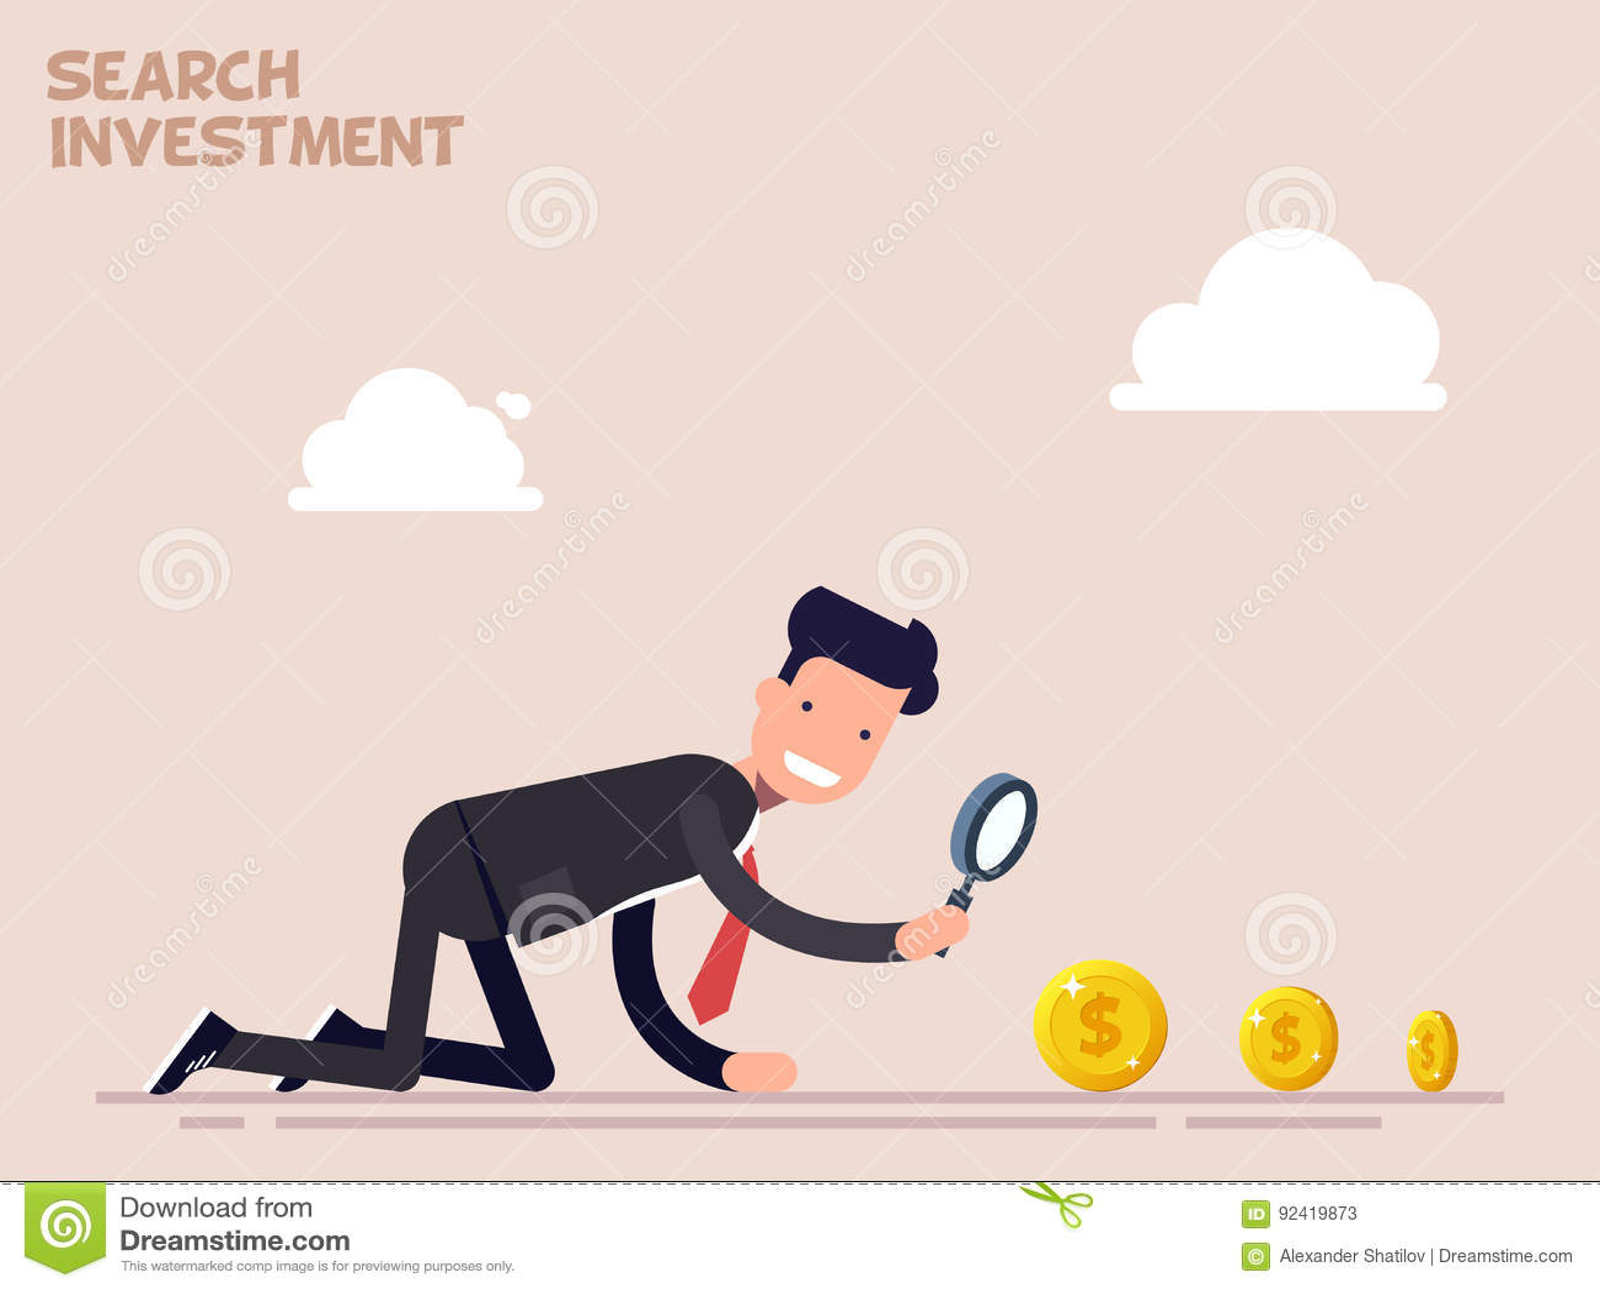 De zakenman of de manager kruipen op alle fours op zoek naar geld en investering in zaken Vectorillustratie in een vlakte